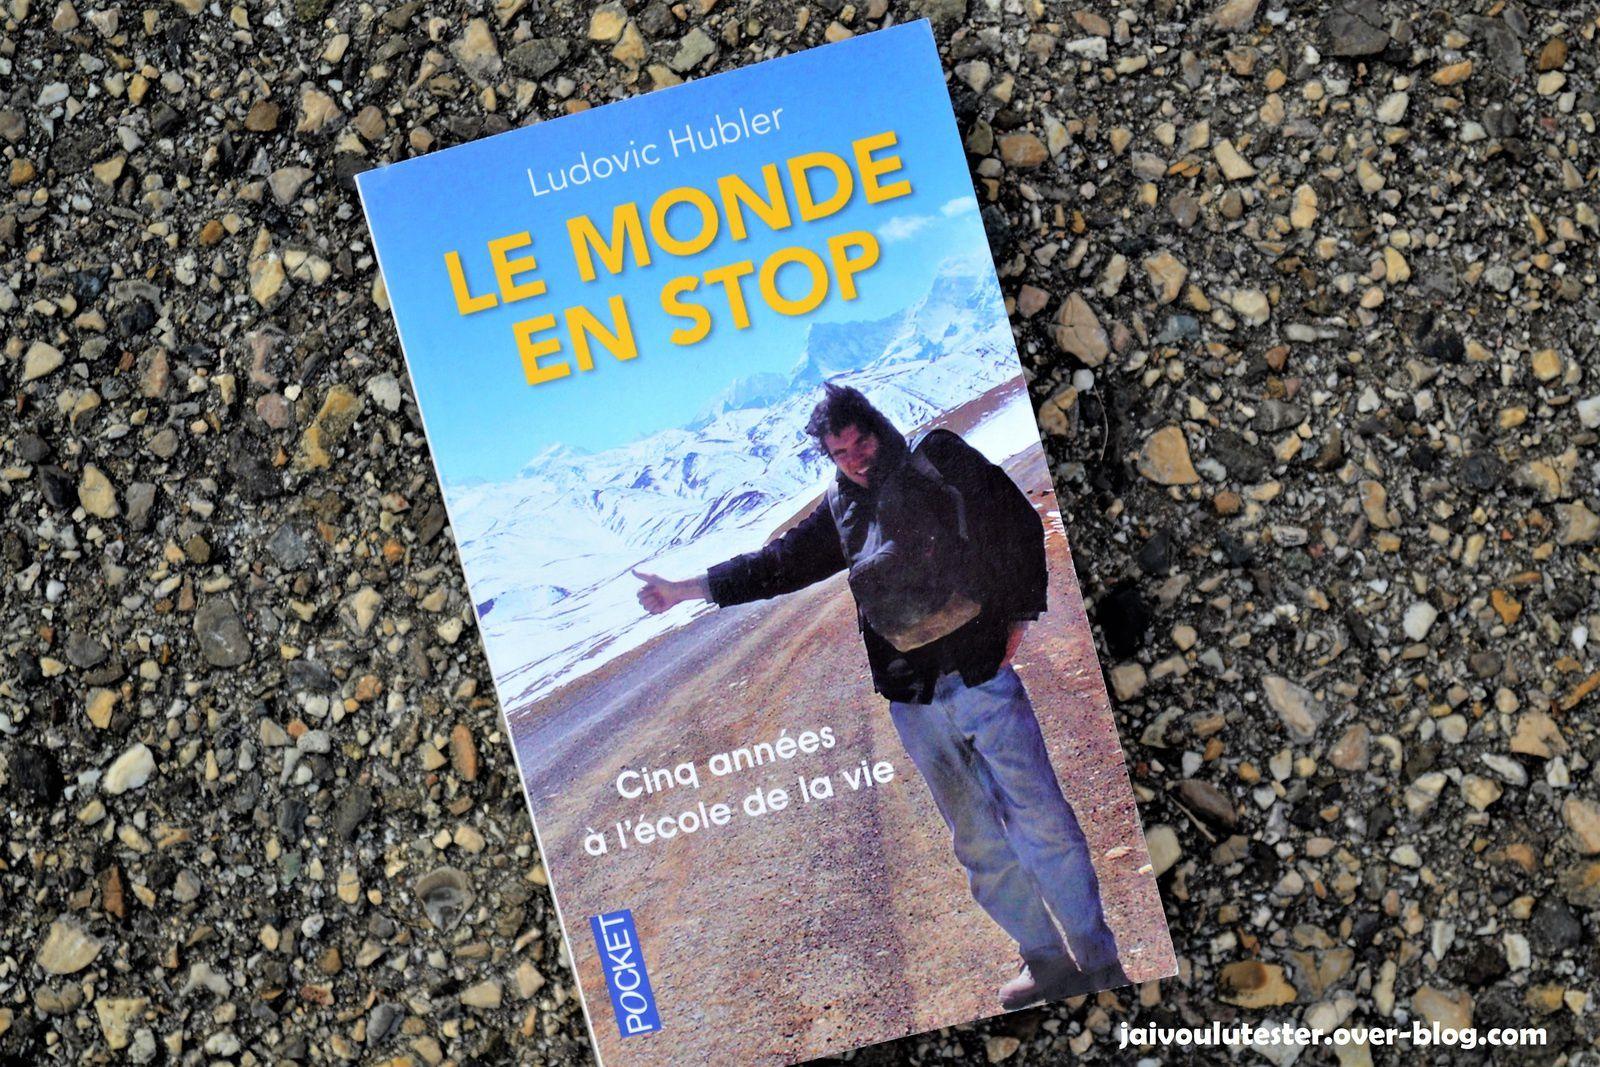 ... Le Monde en Stop, de Ludovic Hubler